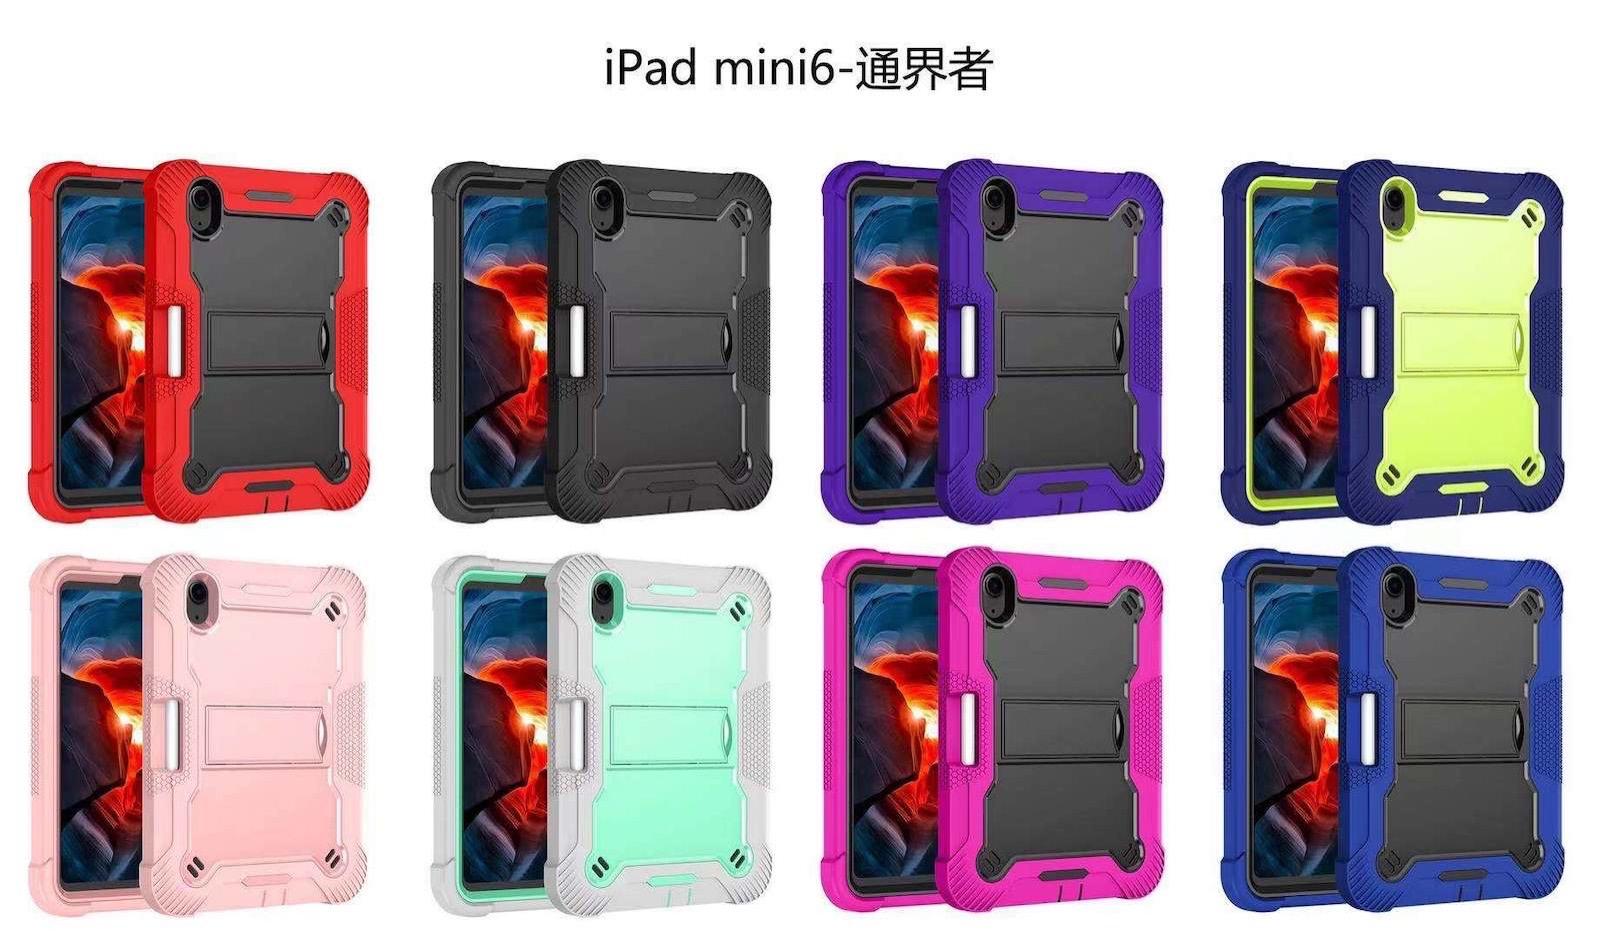 Ipad mini 6 cases